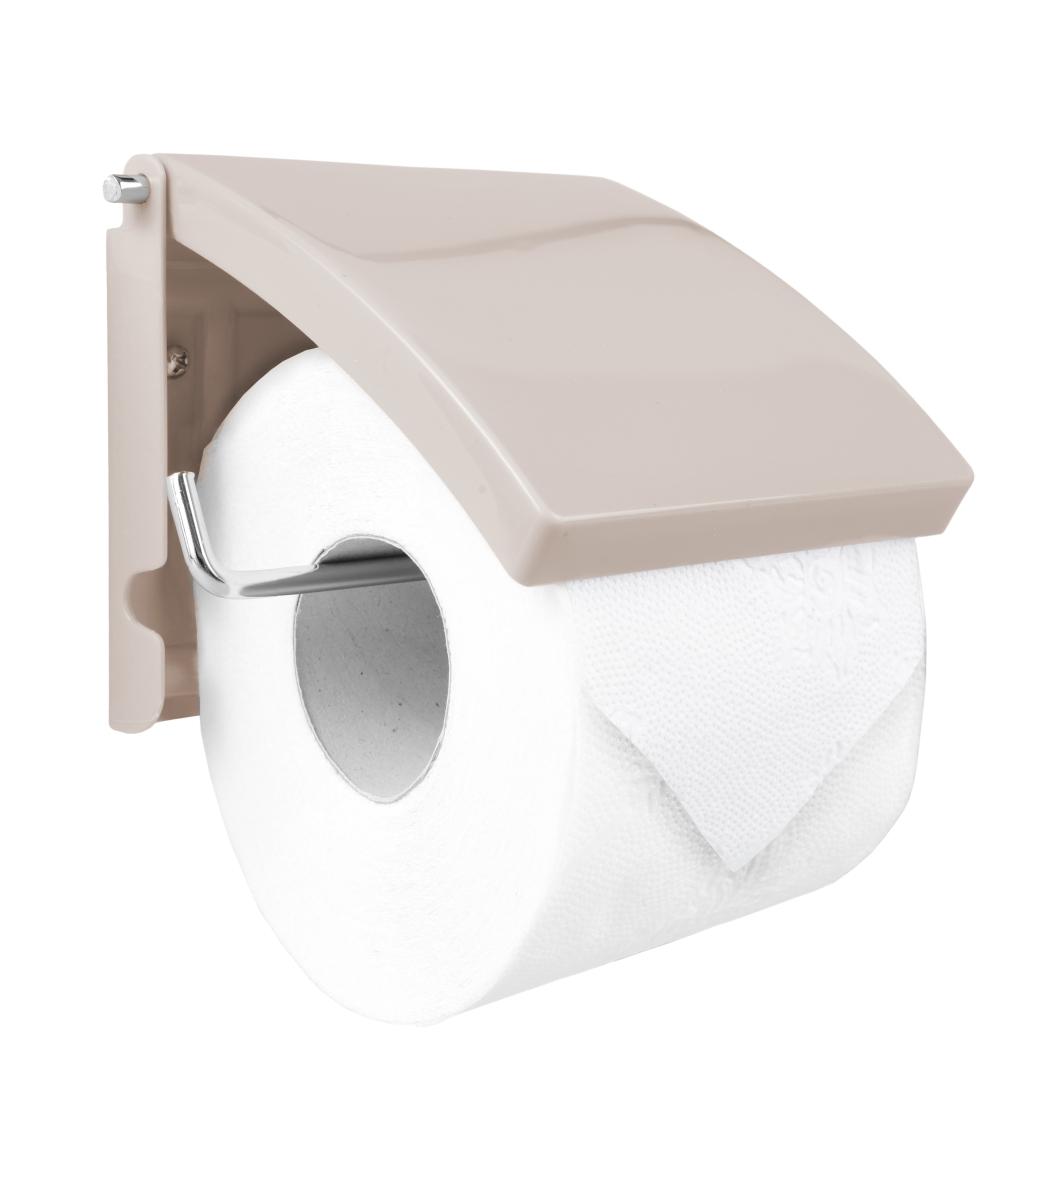 Držák toaletního papíru caffé latté